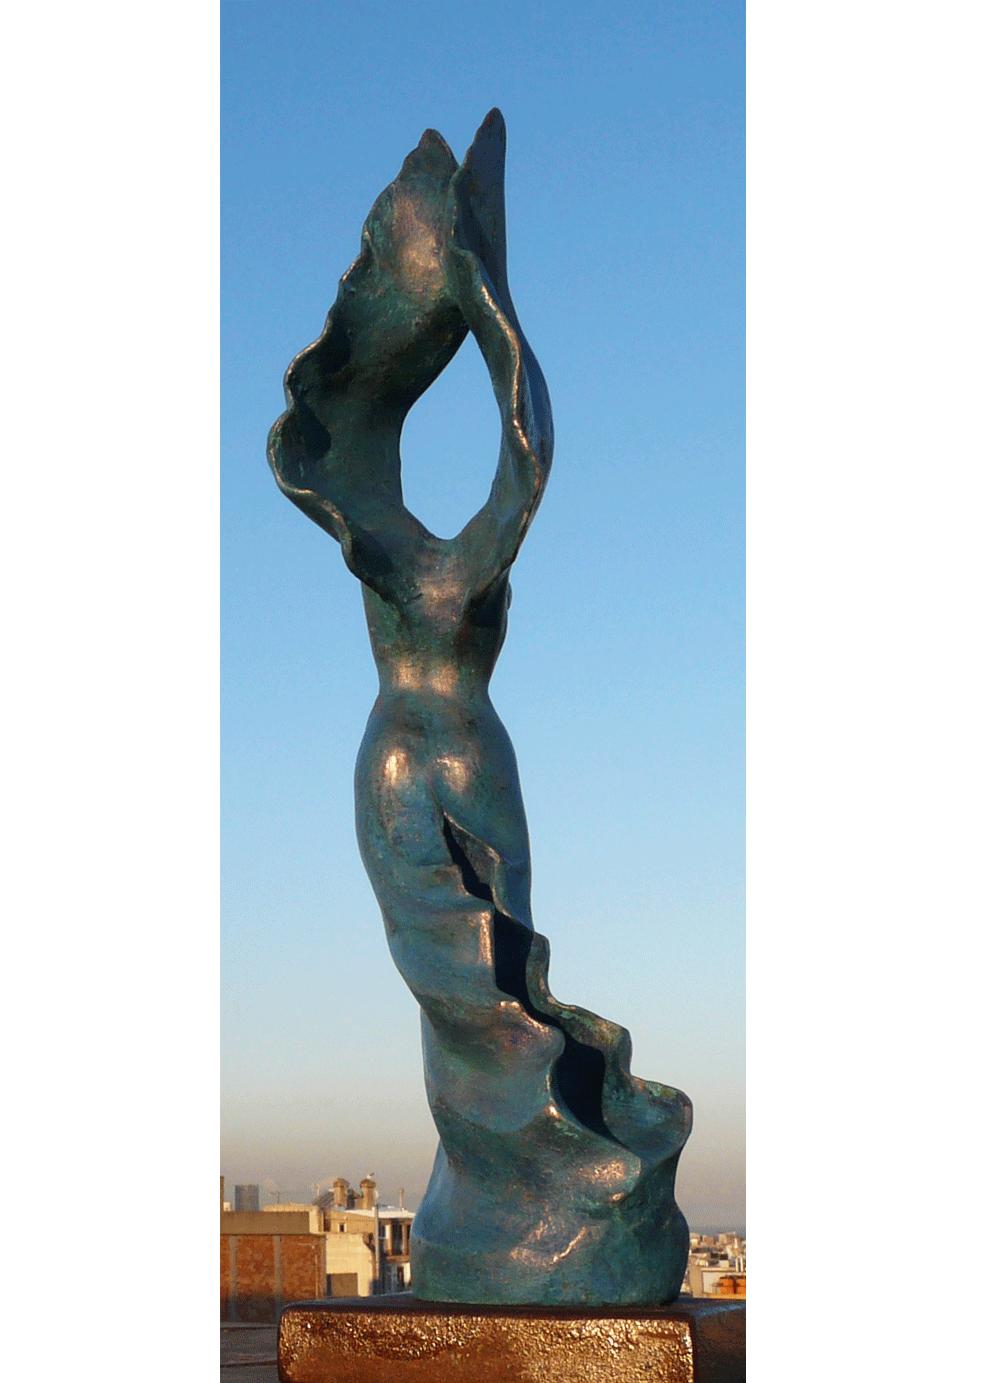 Escultura-Victoria-C-Figurativo-Abstracto-RD.Escultor